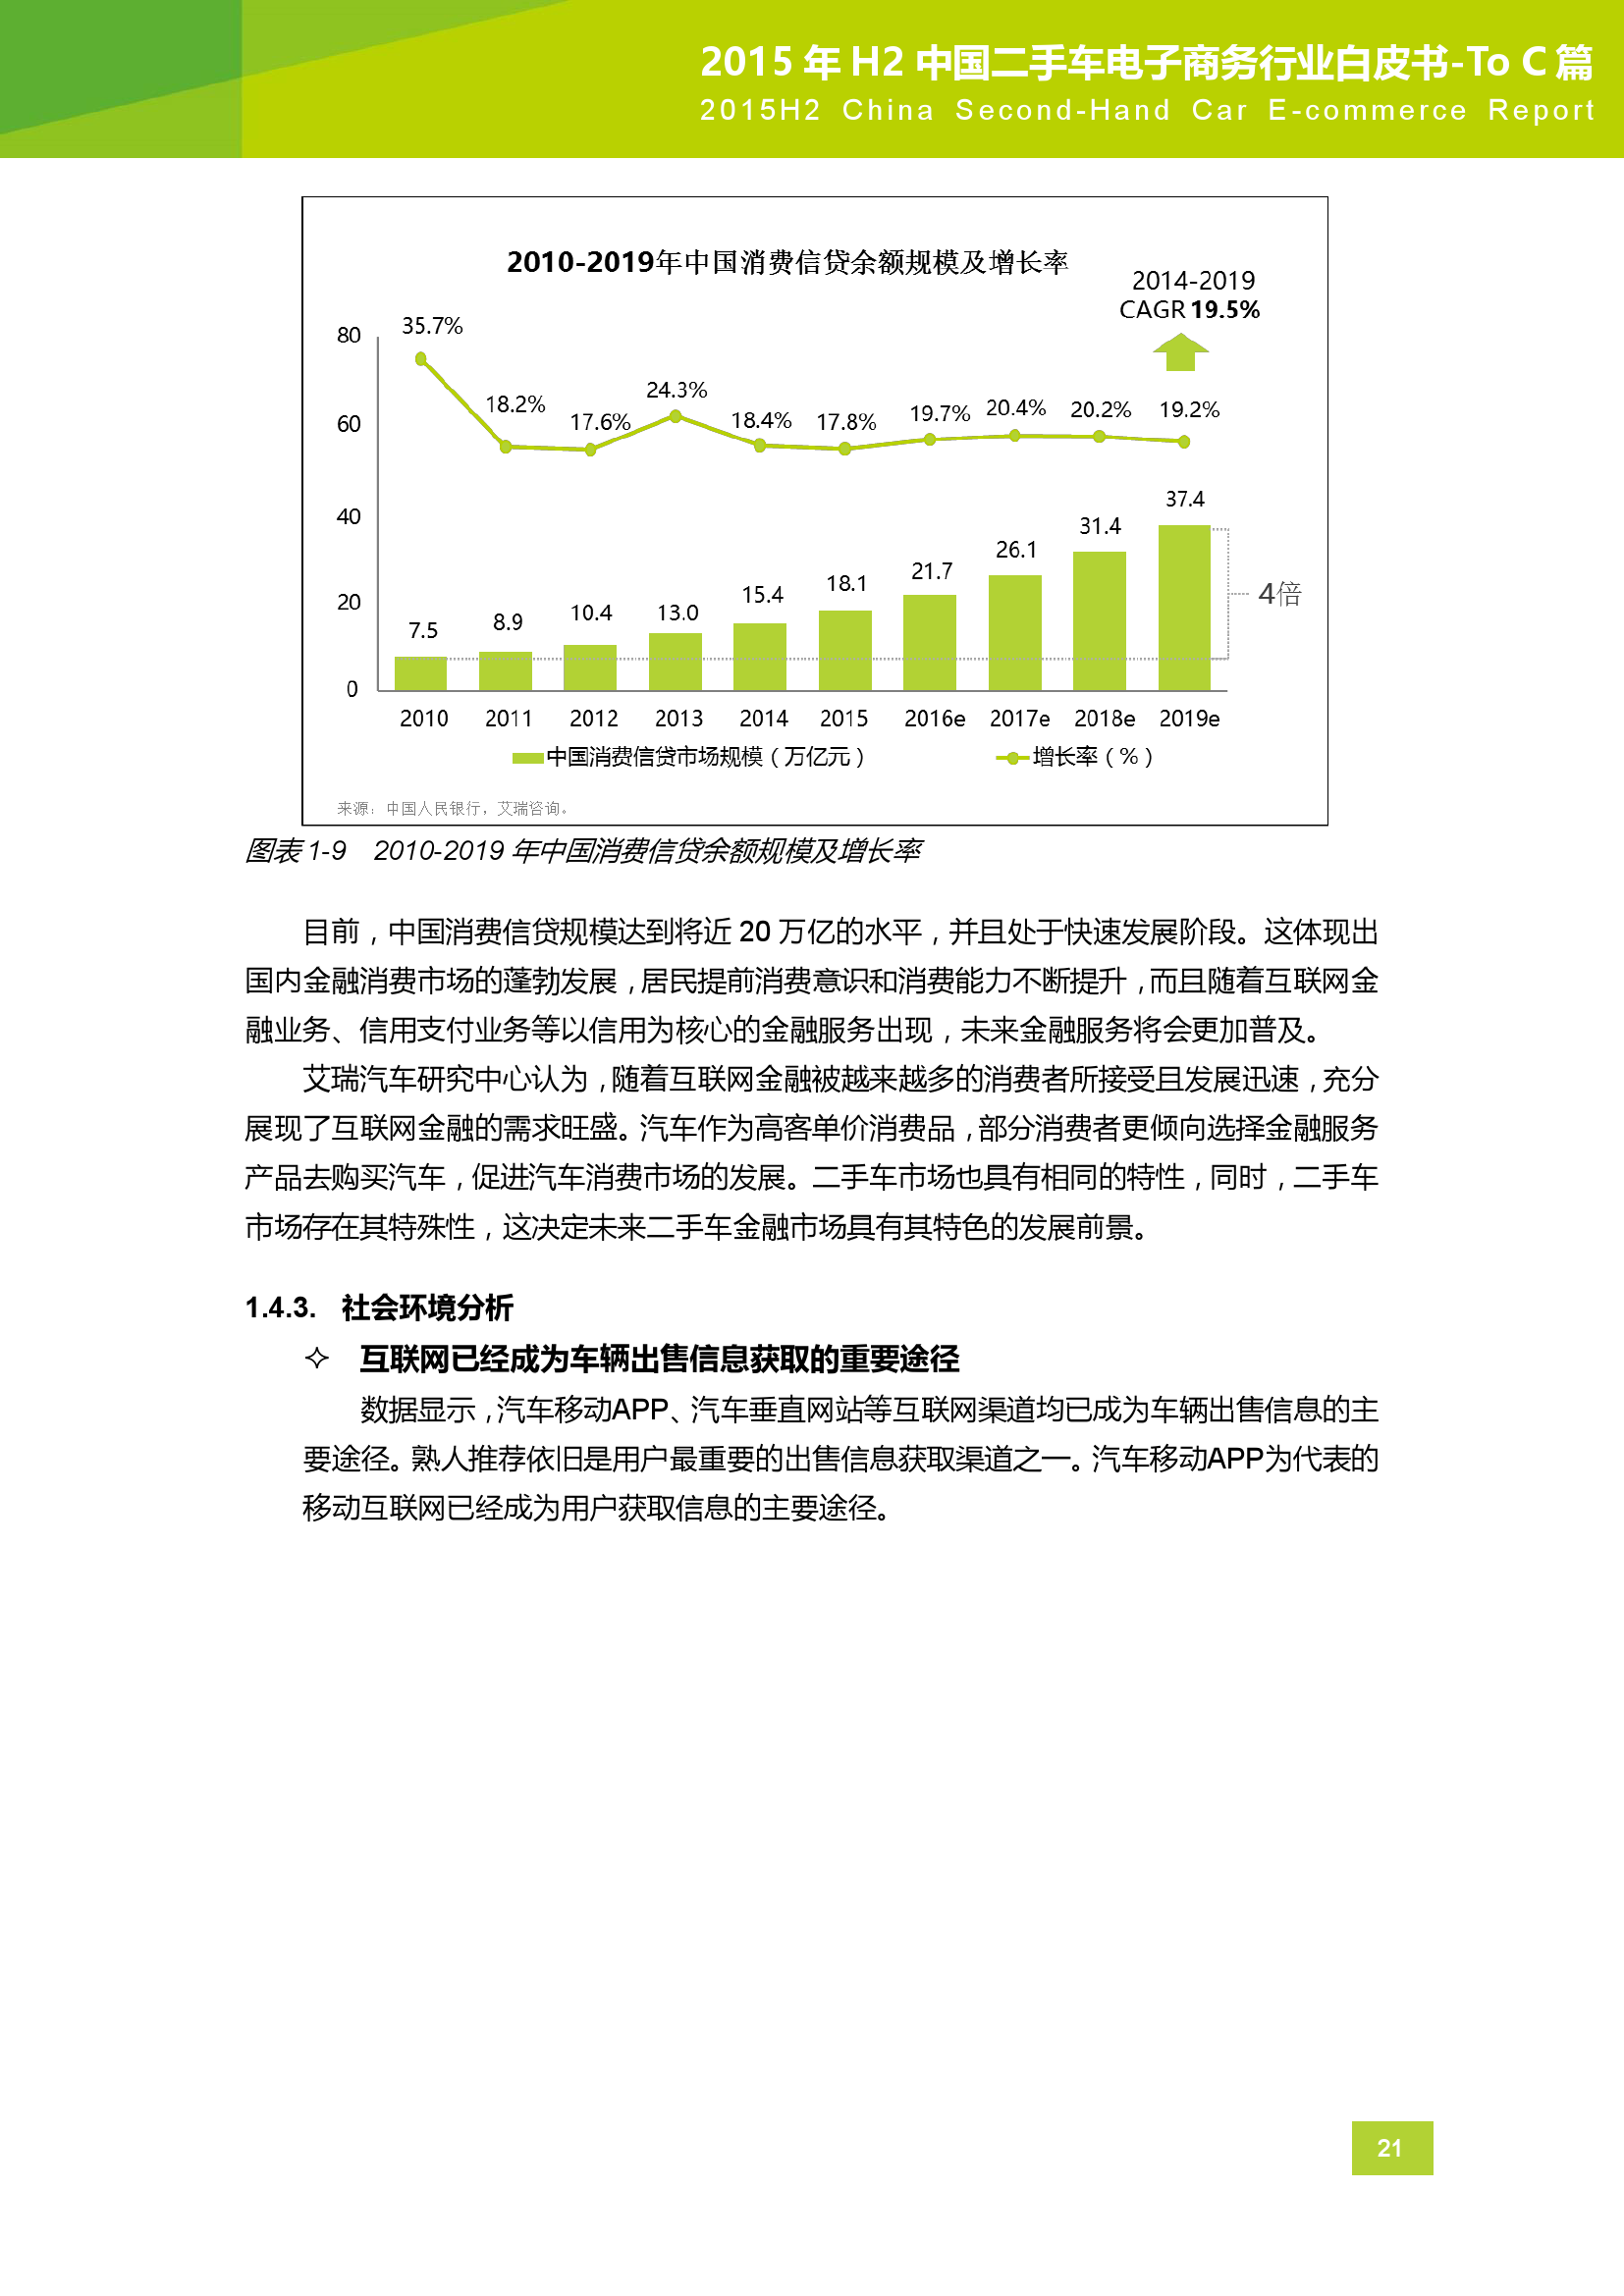 2015年H2中国二手车电子商务行业白皮书_000021